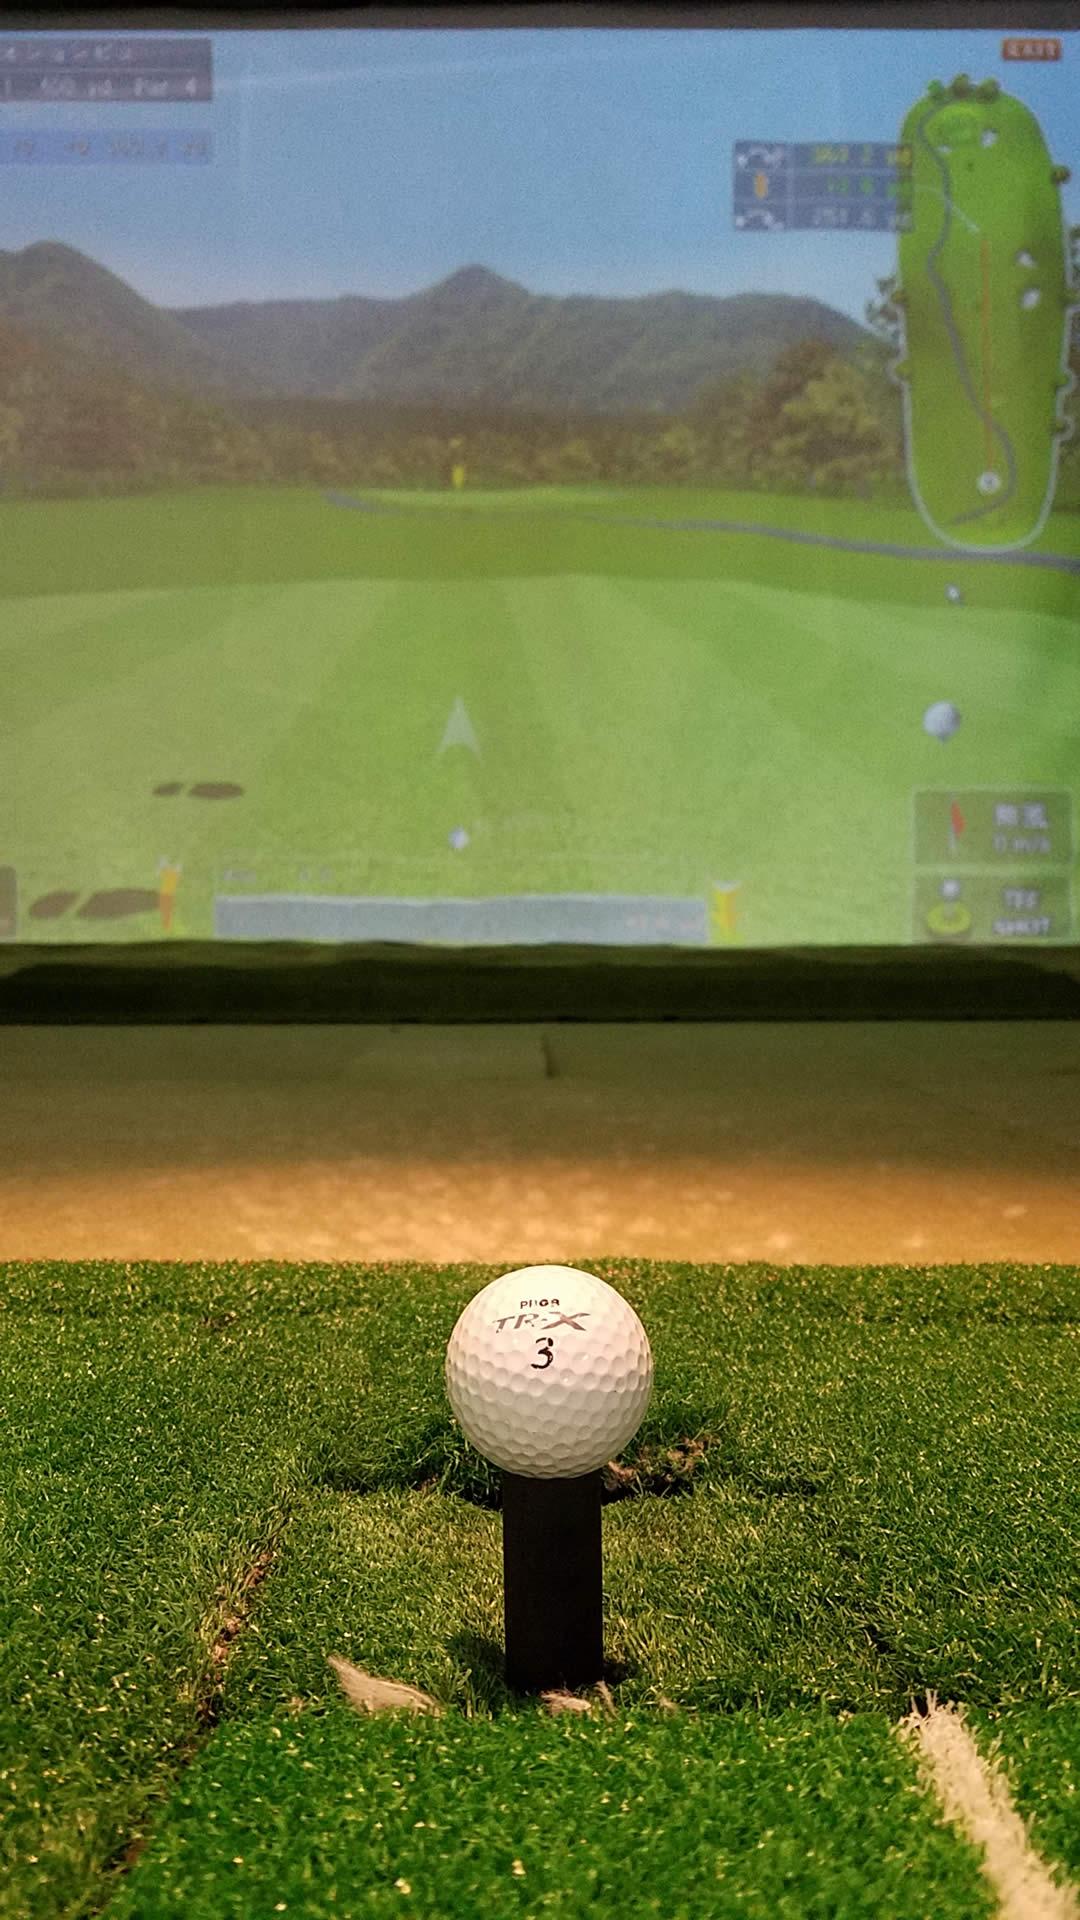 シミュレーションゴルフ 奈良 グレージ シュミレーションゴルフ